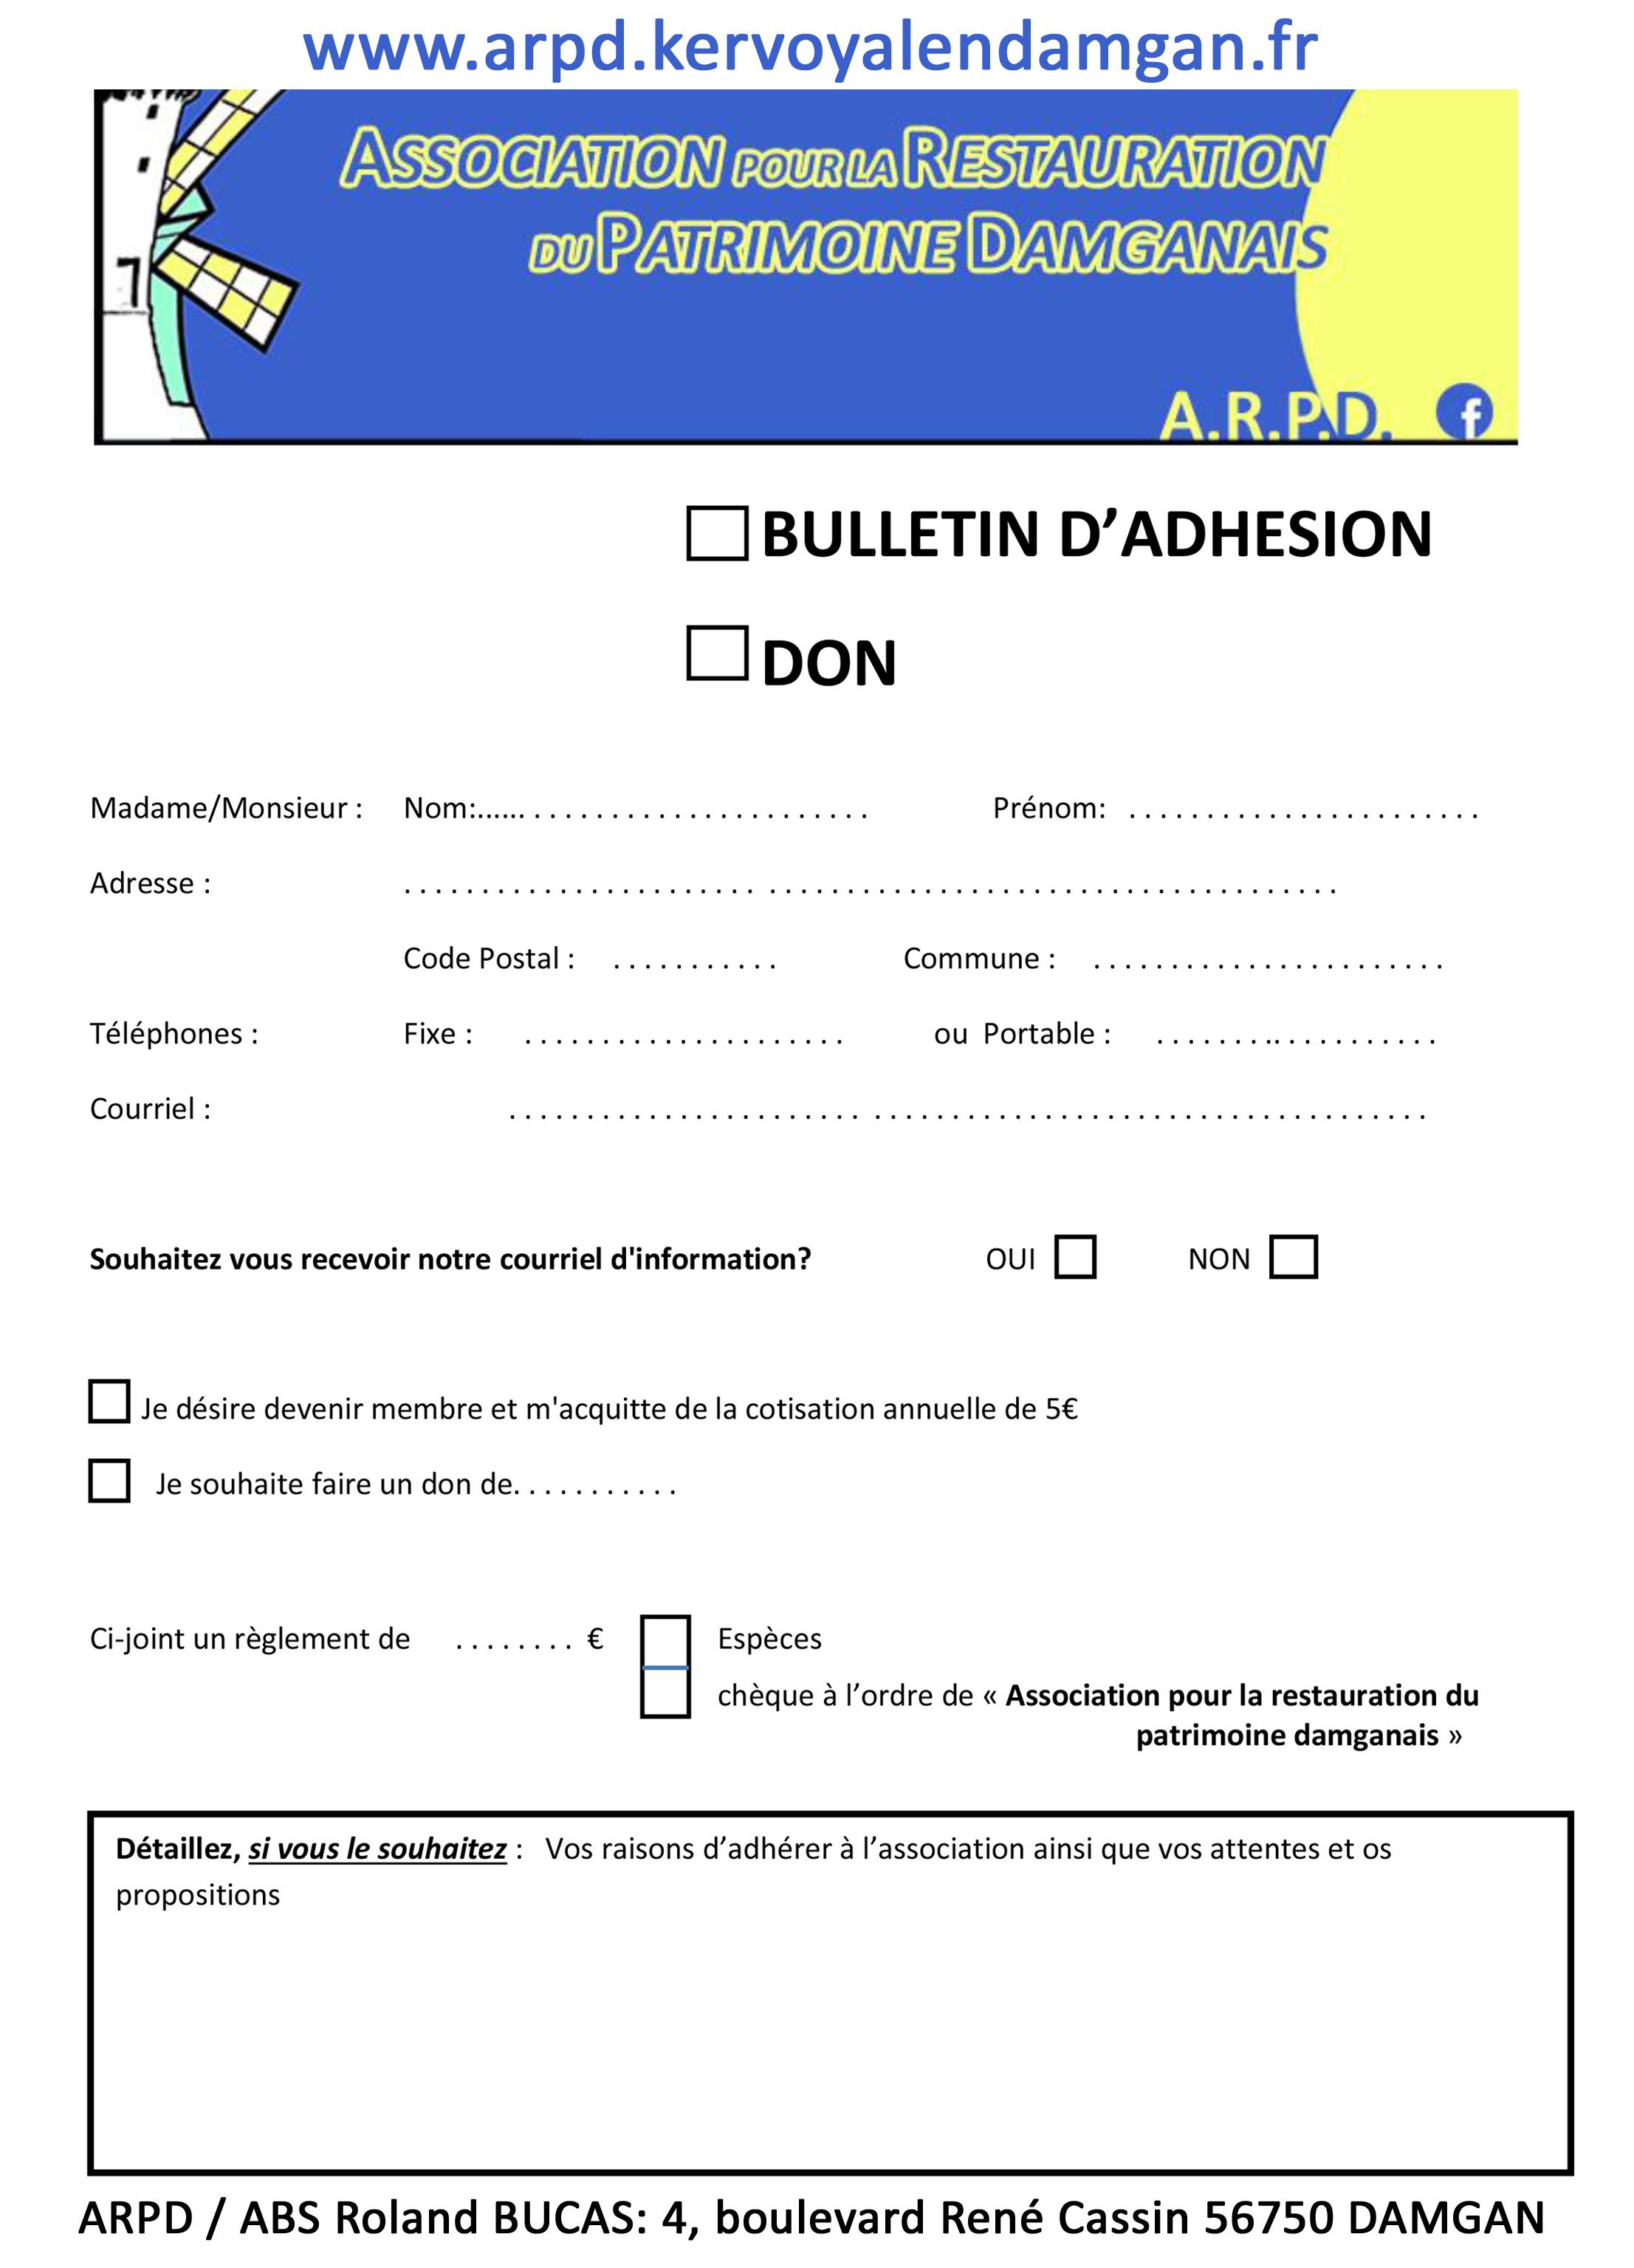 Bulletin d'adhésion à imprimer: